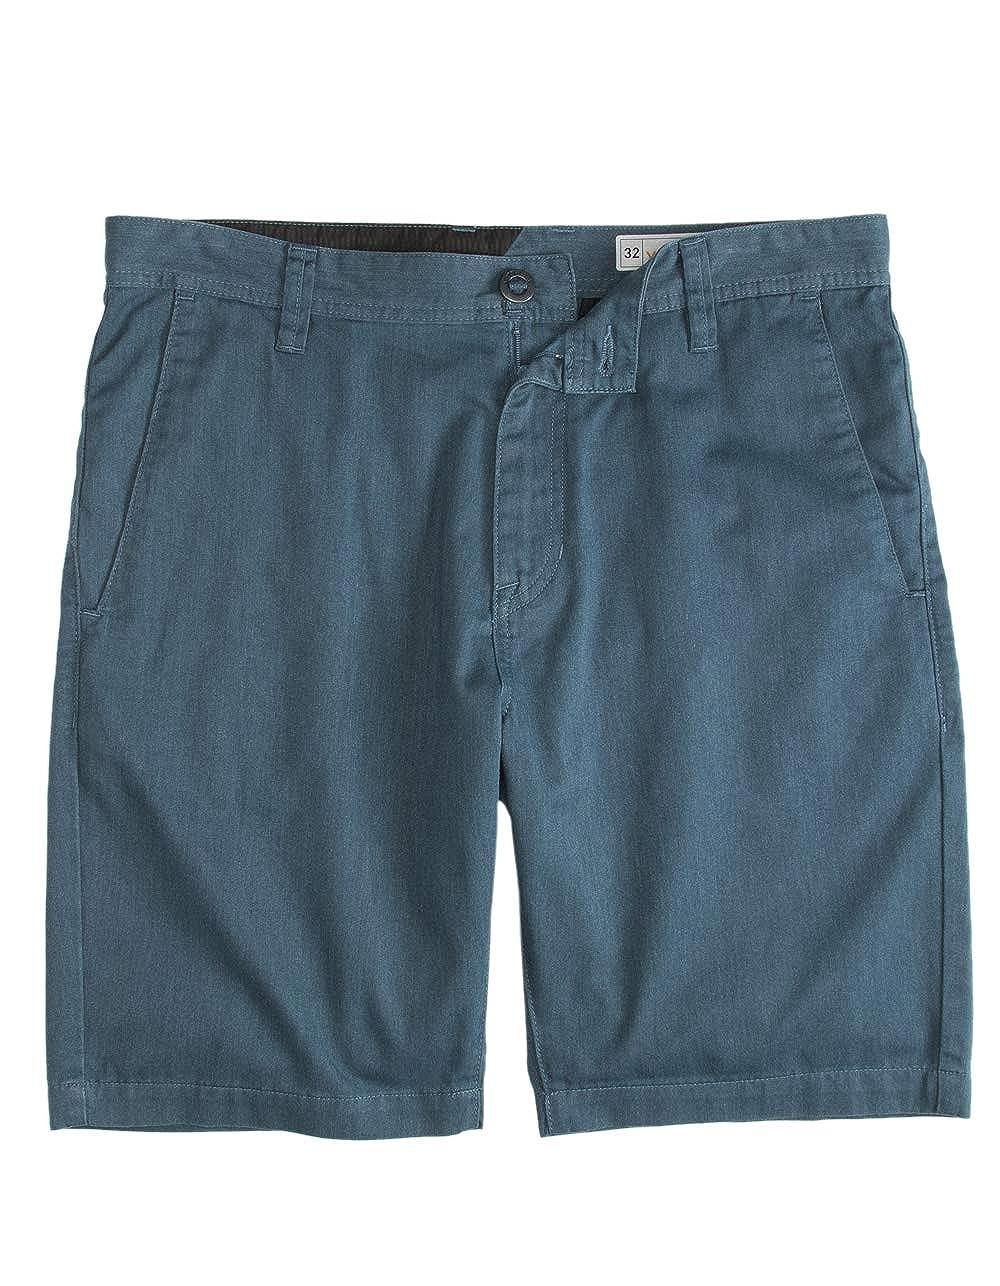 Volcom Frickin Drifter Heather Blue Shorts